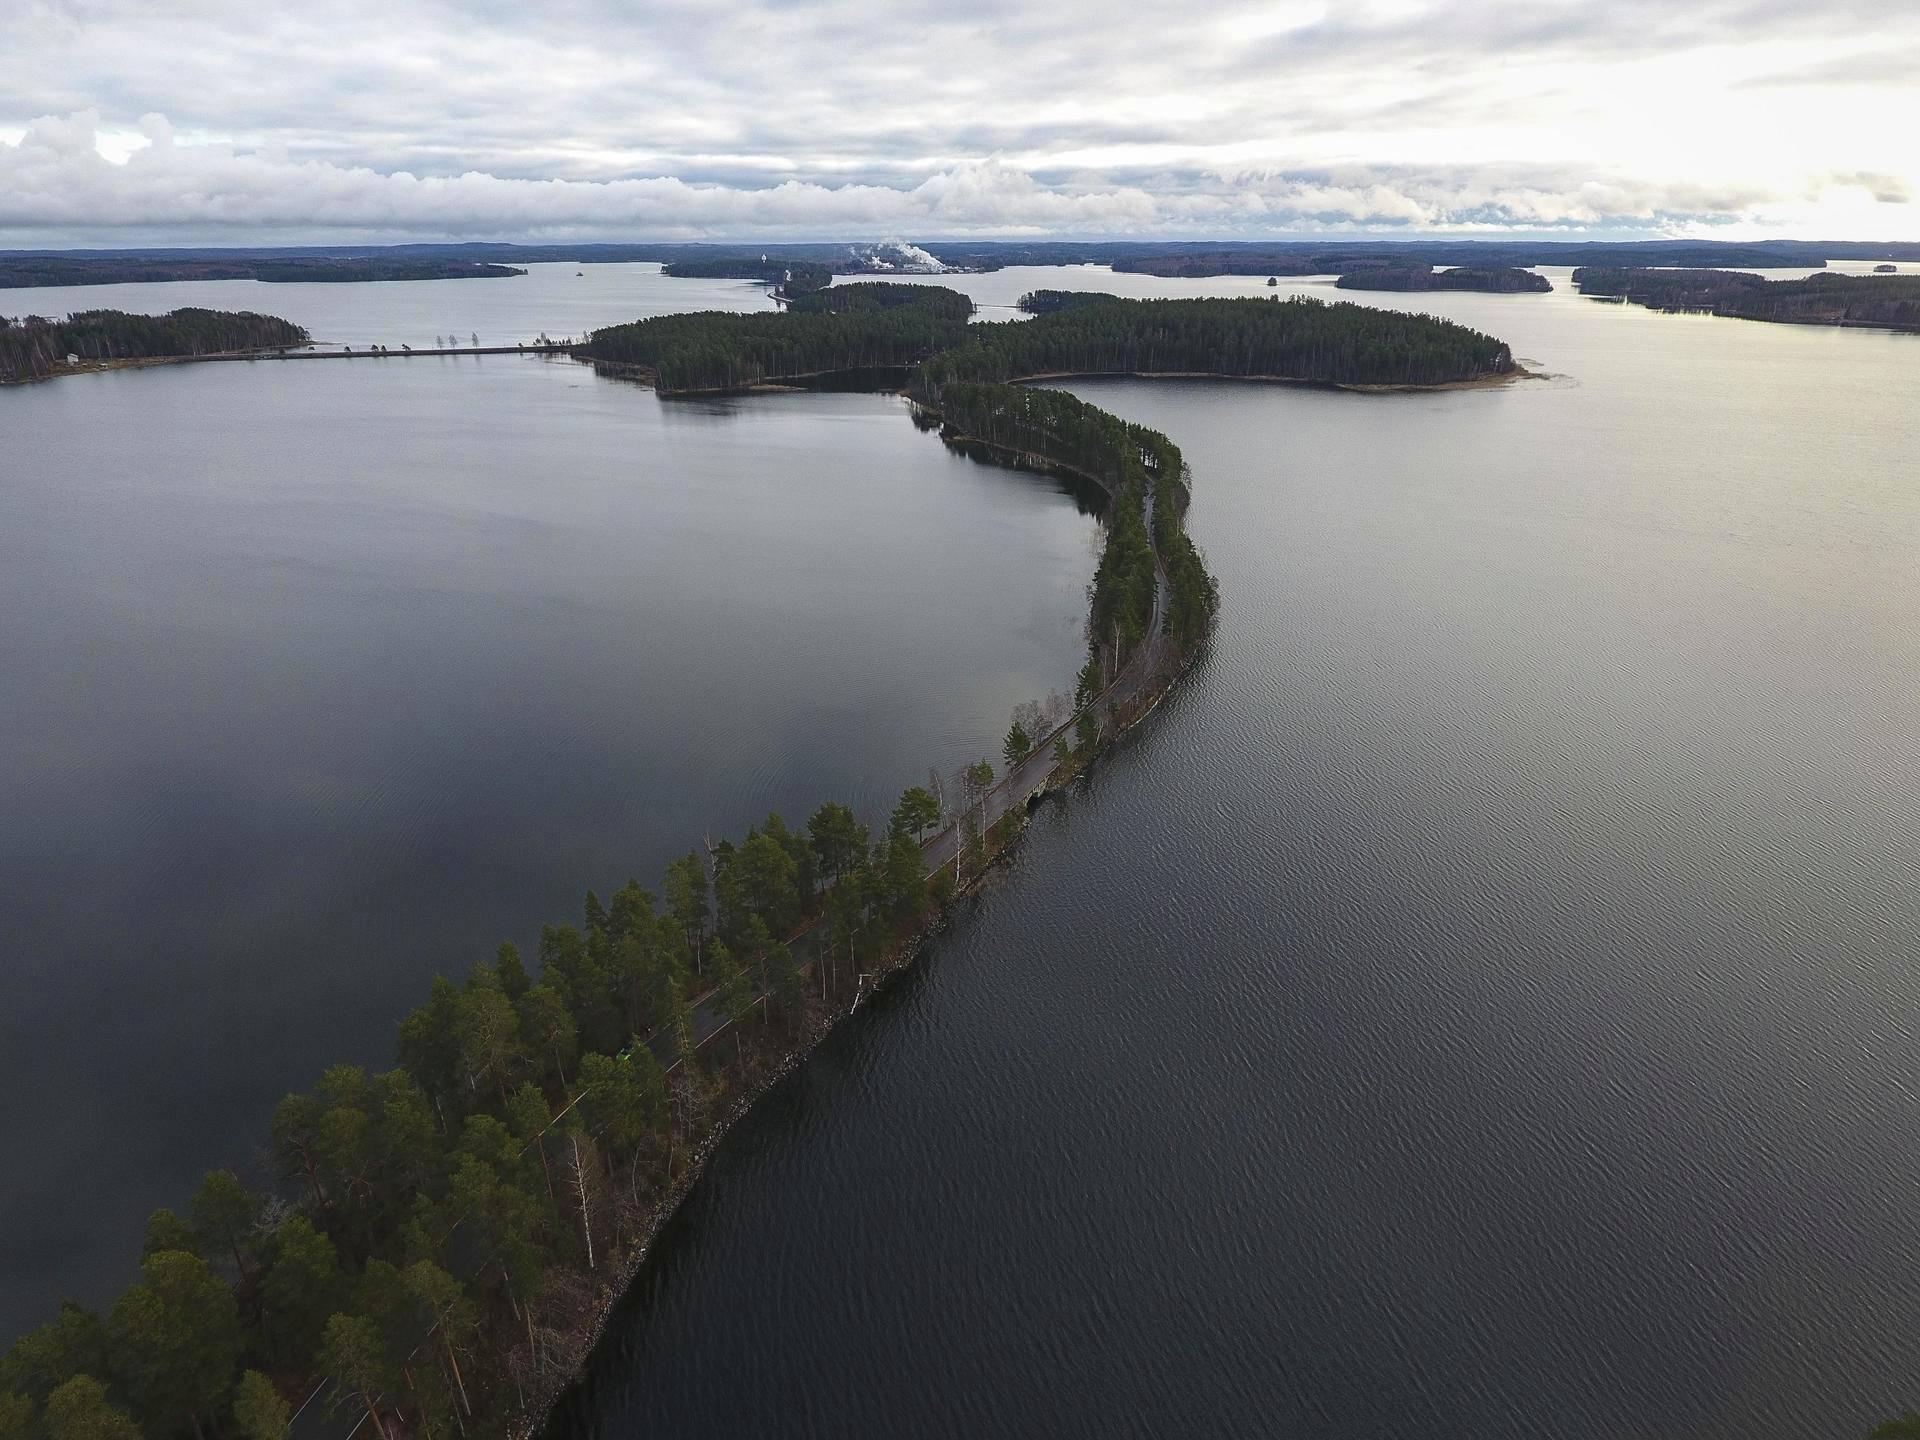 Punkaharju on edelleen Suomen tunnetuimpia luonnonnähtävyyksiä.